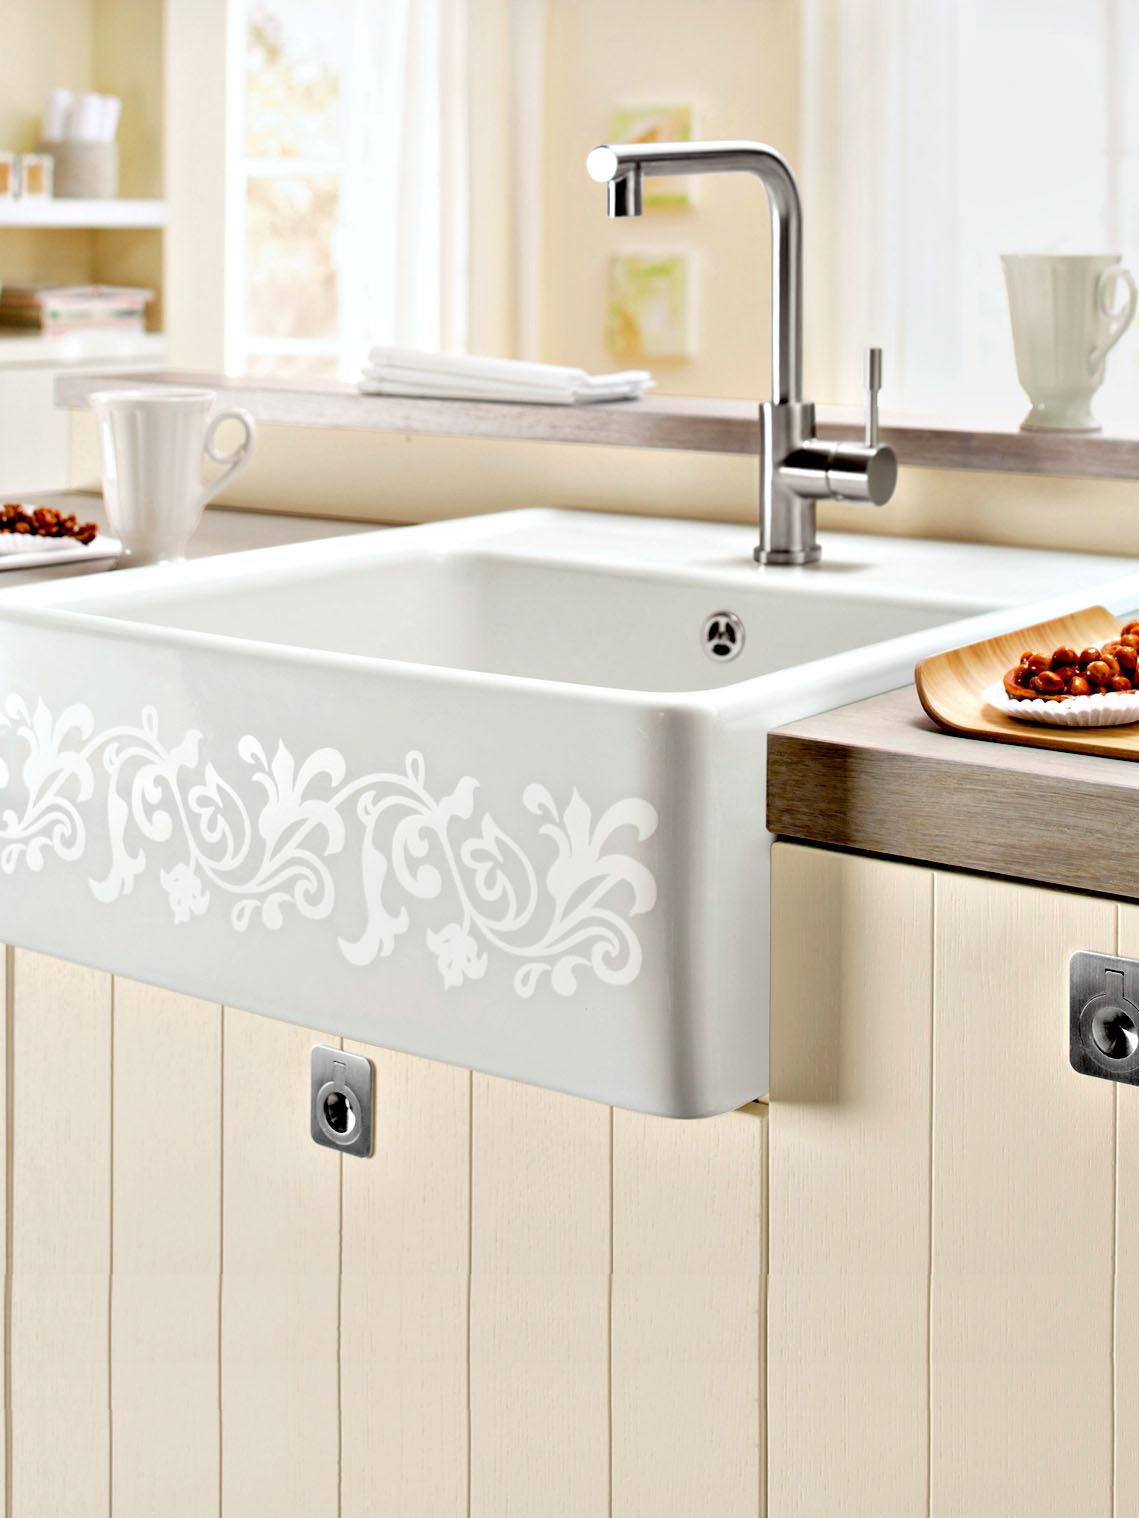 ergonomische sp len und innovatives wasserhahn design zuhause wohnen. Black Bedroom Furniture Sets. Home Design Ideas